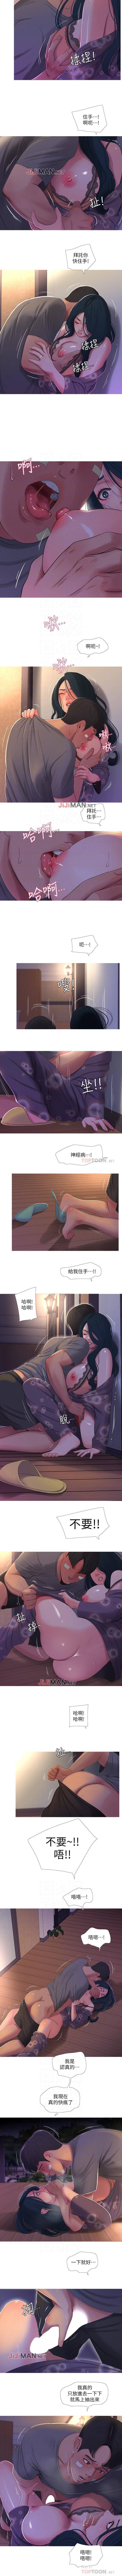 【周四连载】亲家四姐妹(作者:愛摸) 第1~31话 74